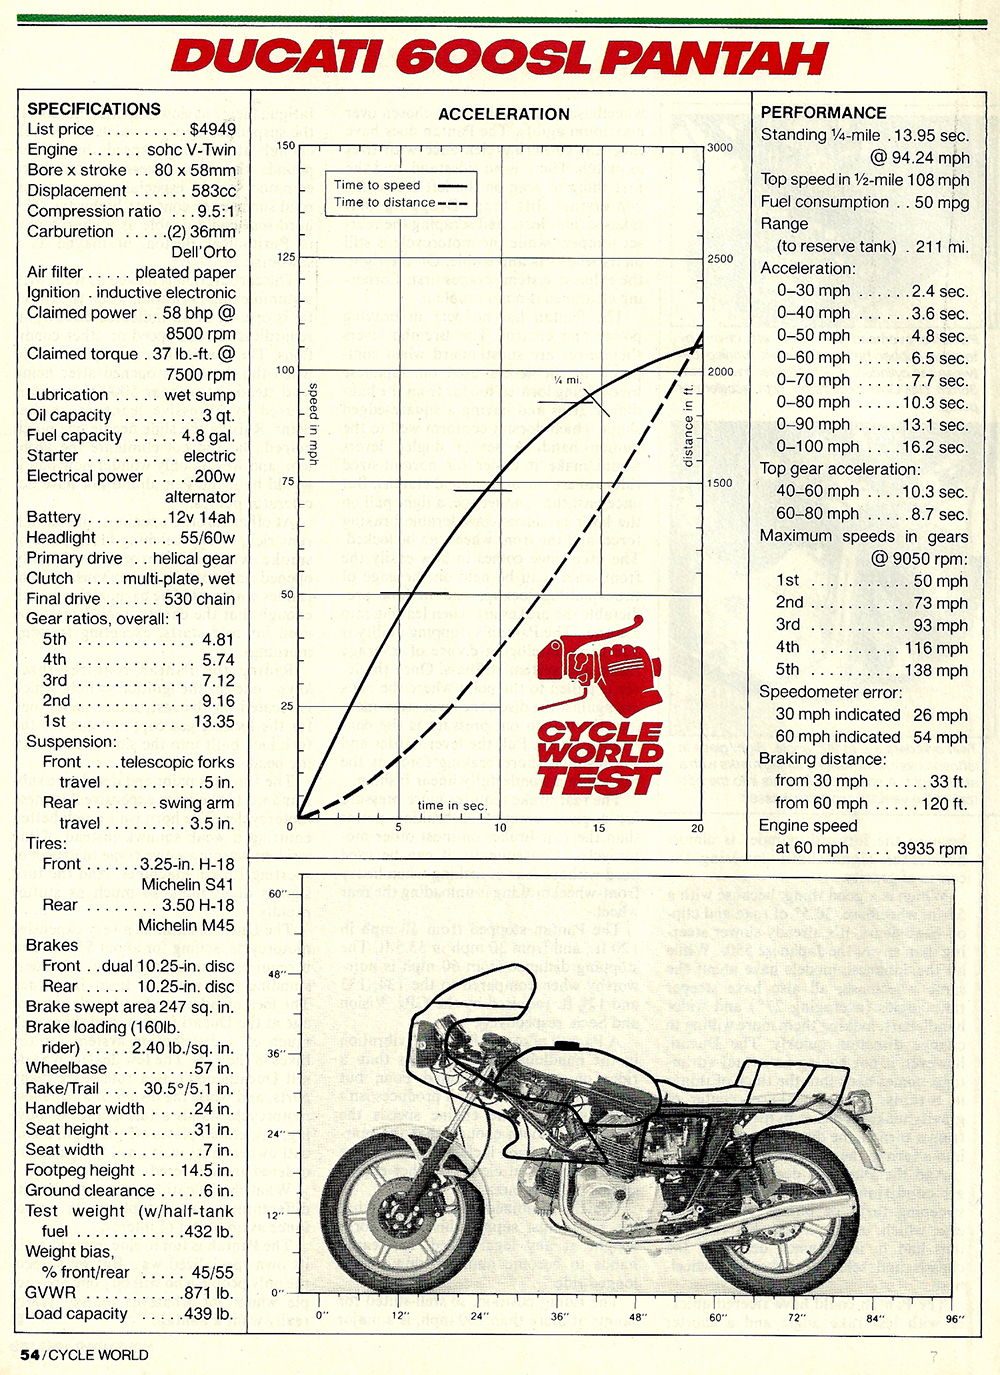 1982 Ducati 600SL Pantah road test 07.jpg